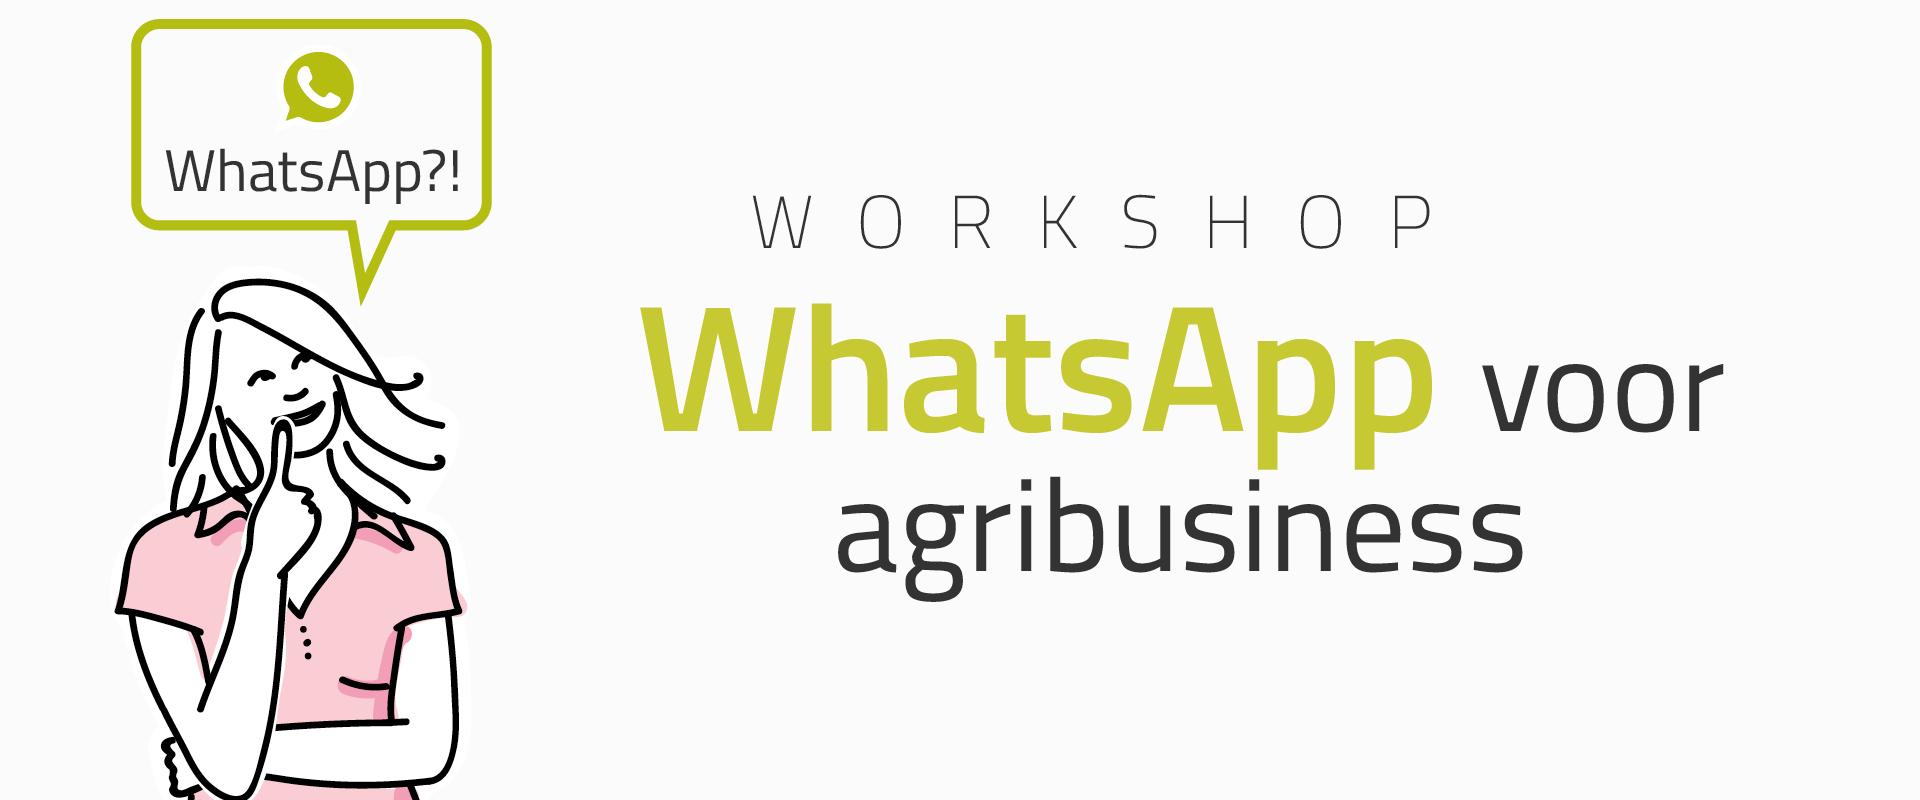 Eline_WhatsApp_voor_Agribusiness